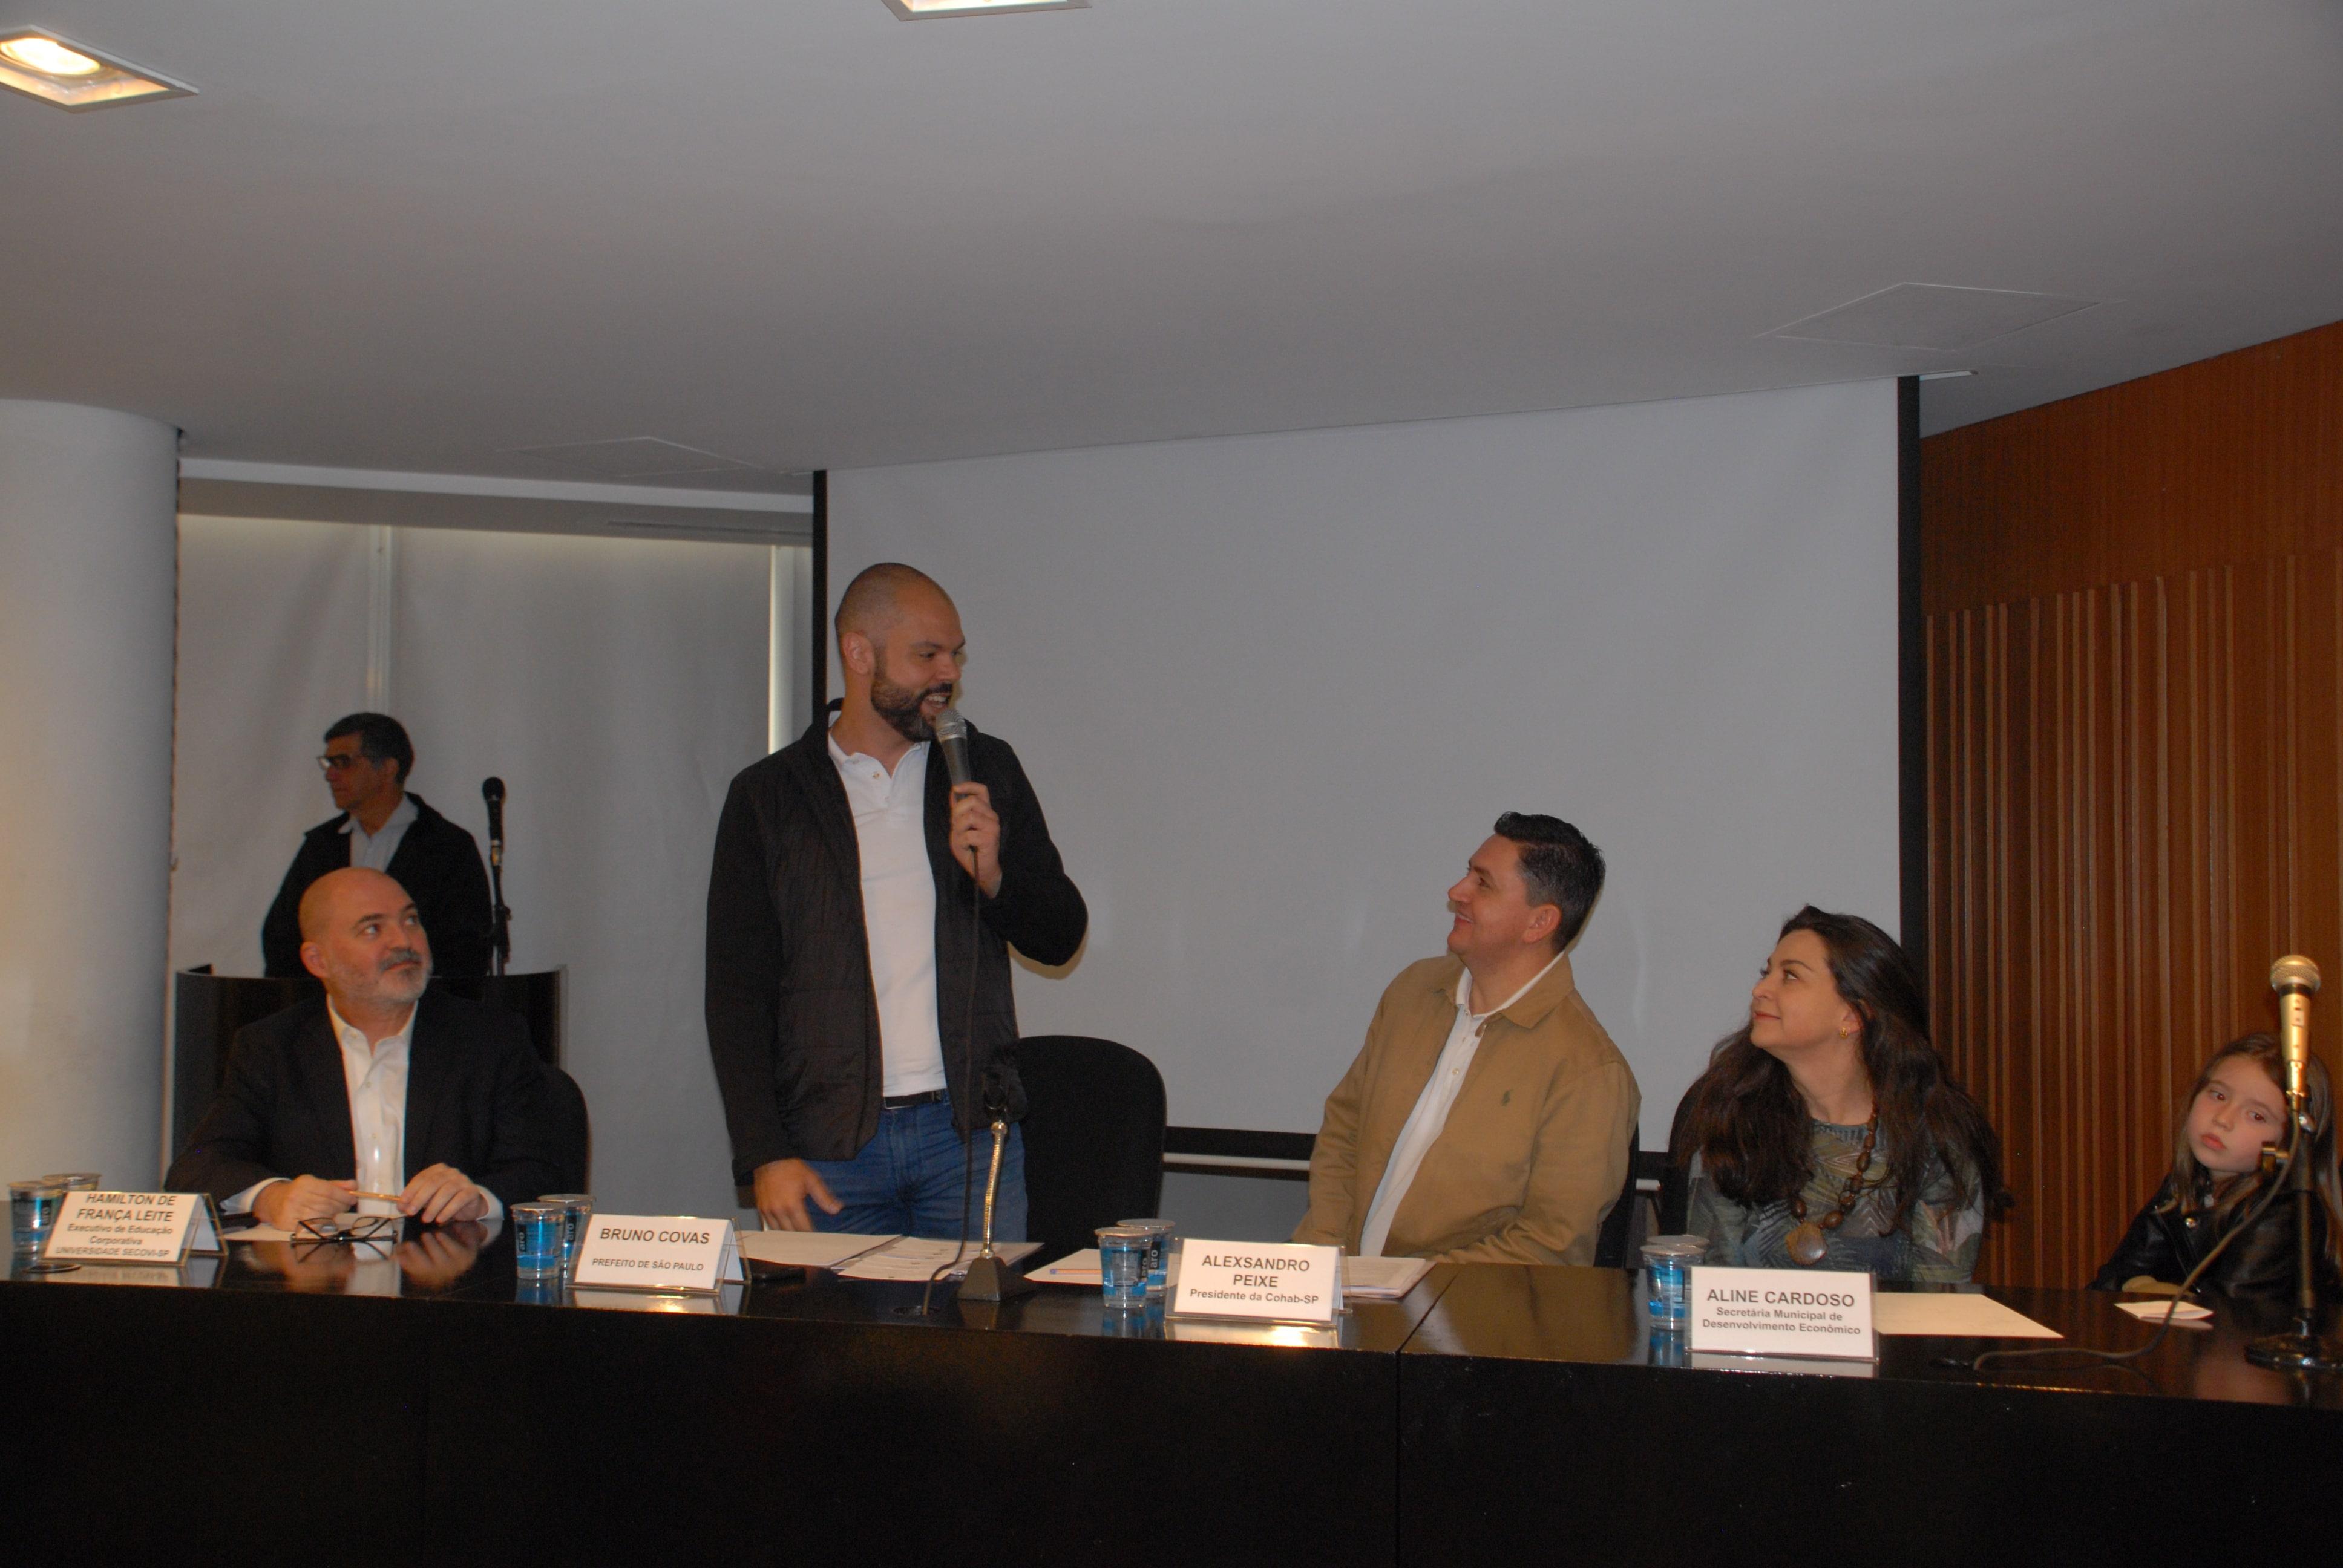 Prefeito de São Paulo Bruno Covas, realizando a abertura do seminário.